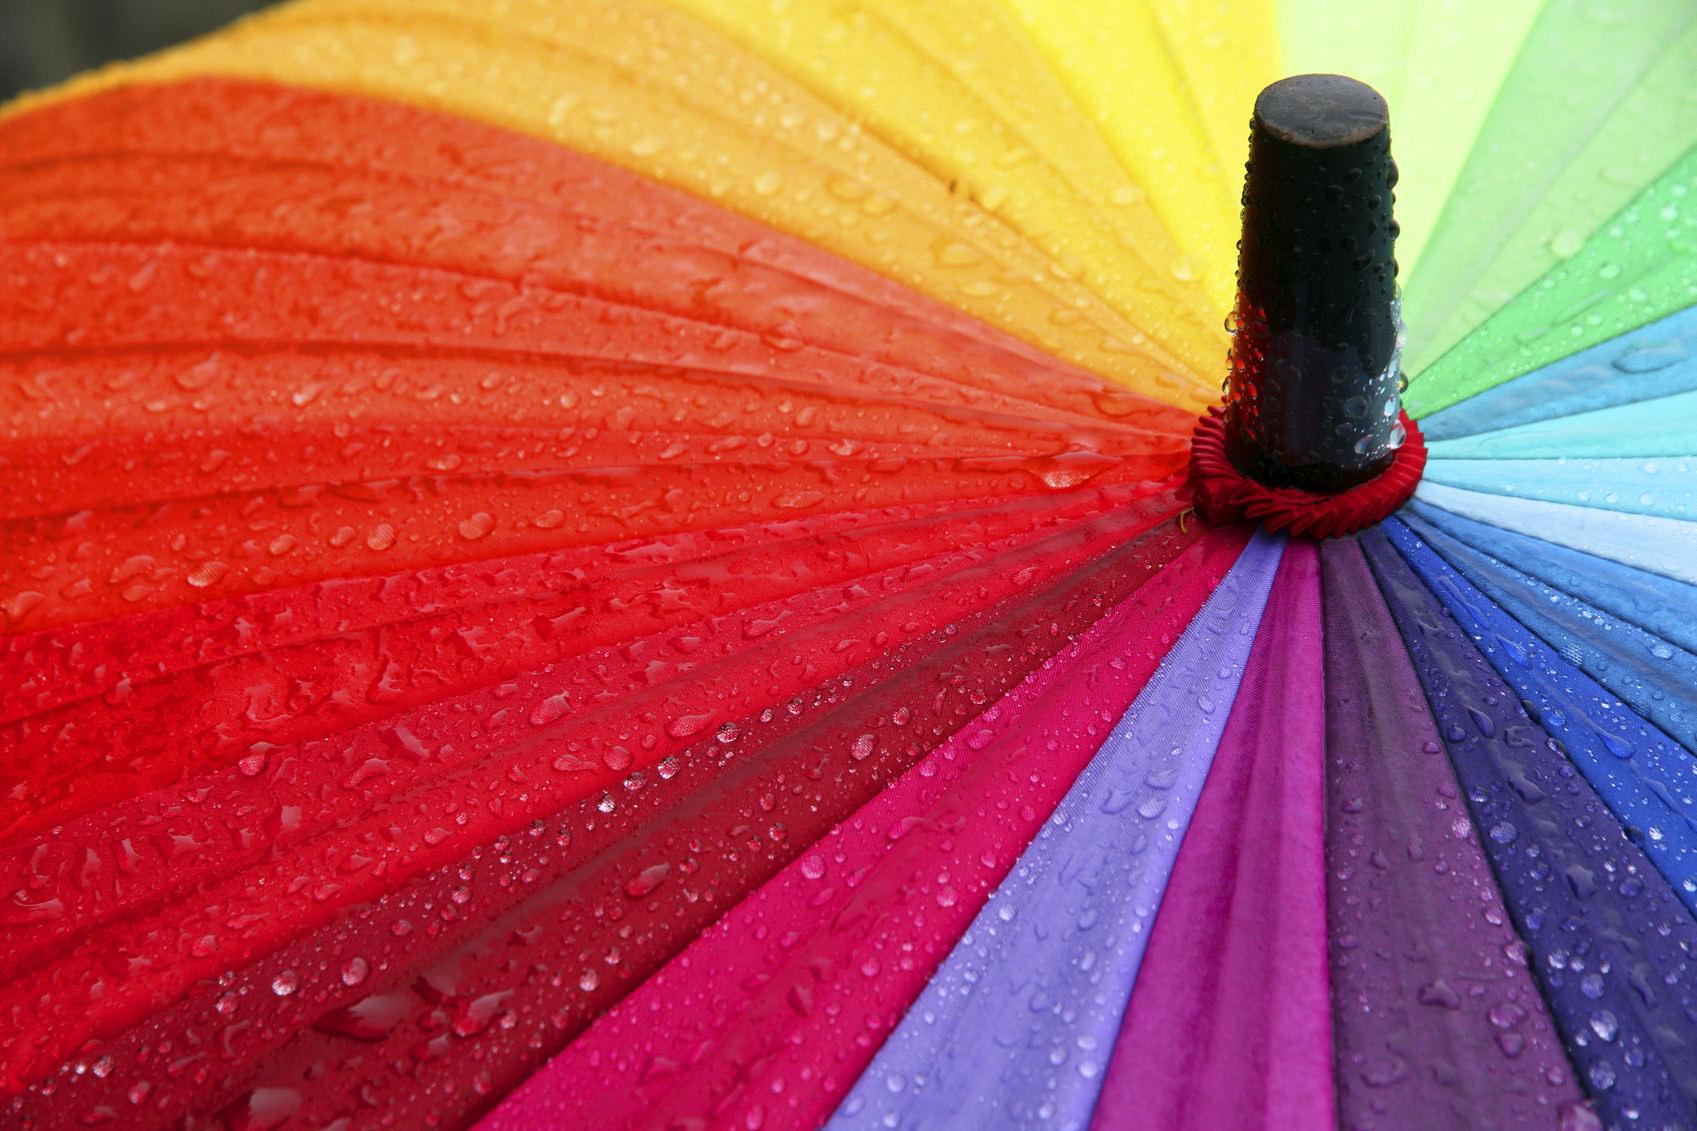 Fotografia a Colori o in B/N: come scegliere il formato migliore